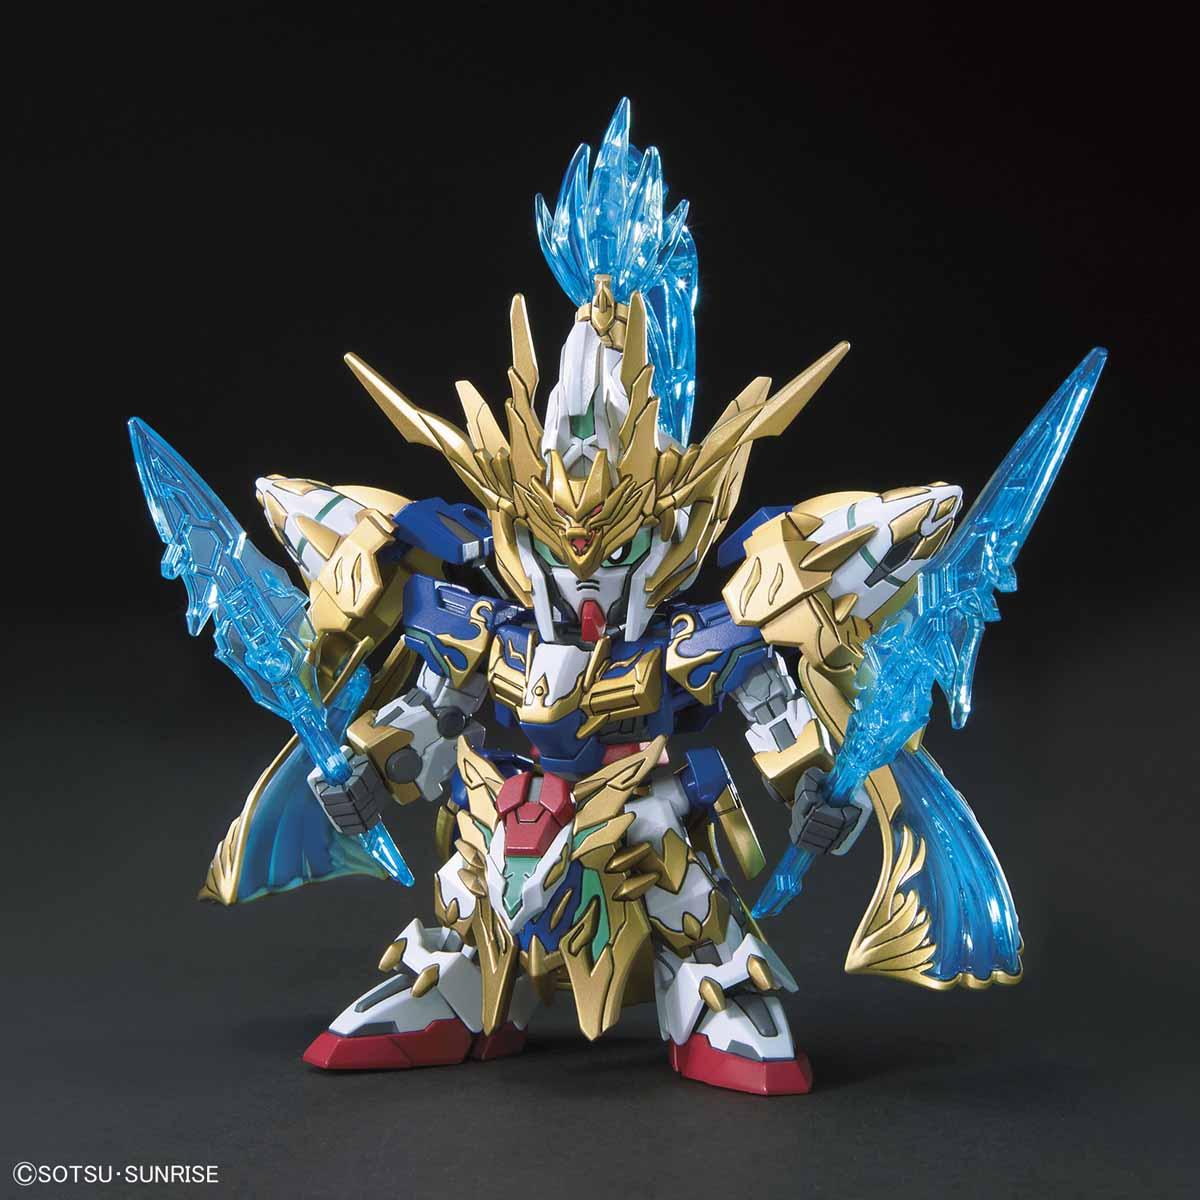 趙雲ダブルオーガンダム [Zhaoyun 00 Gundam]